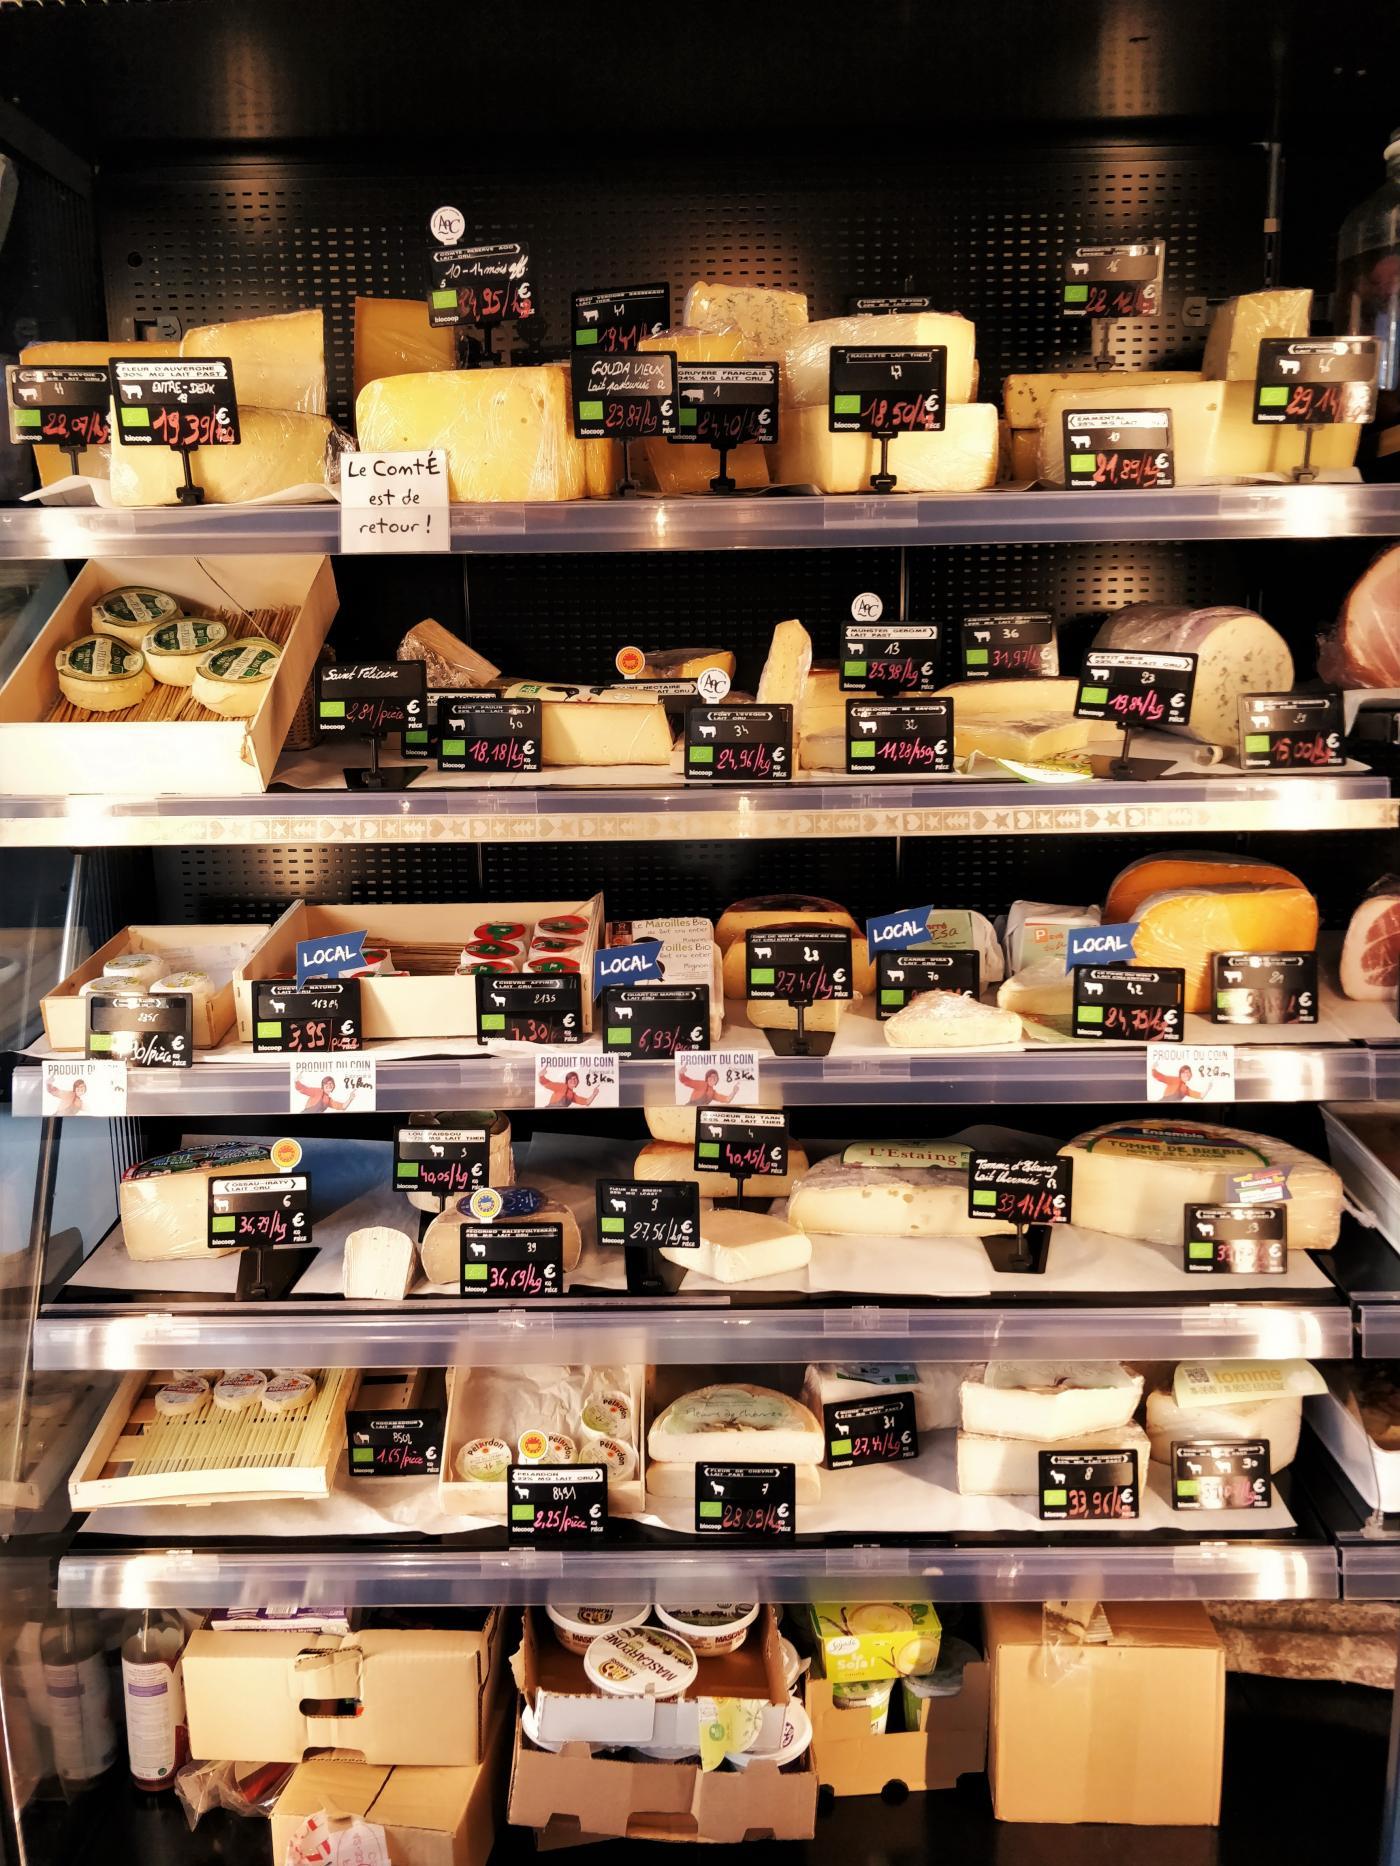 plupart-des-fromages-aop-bio-sont-proposes